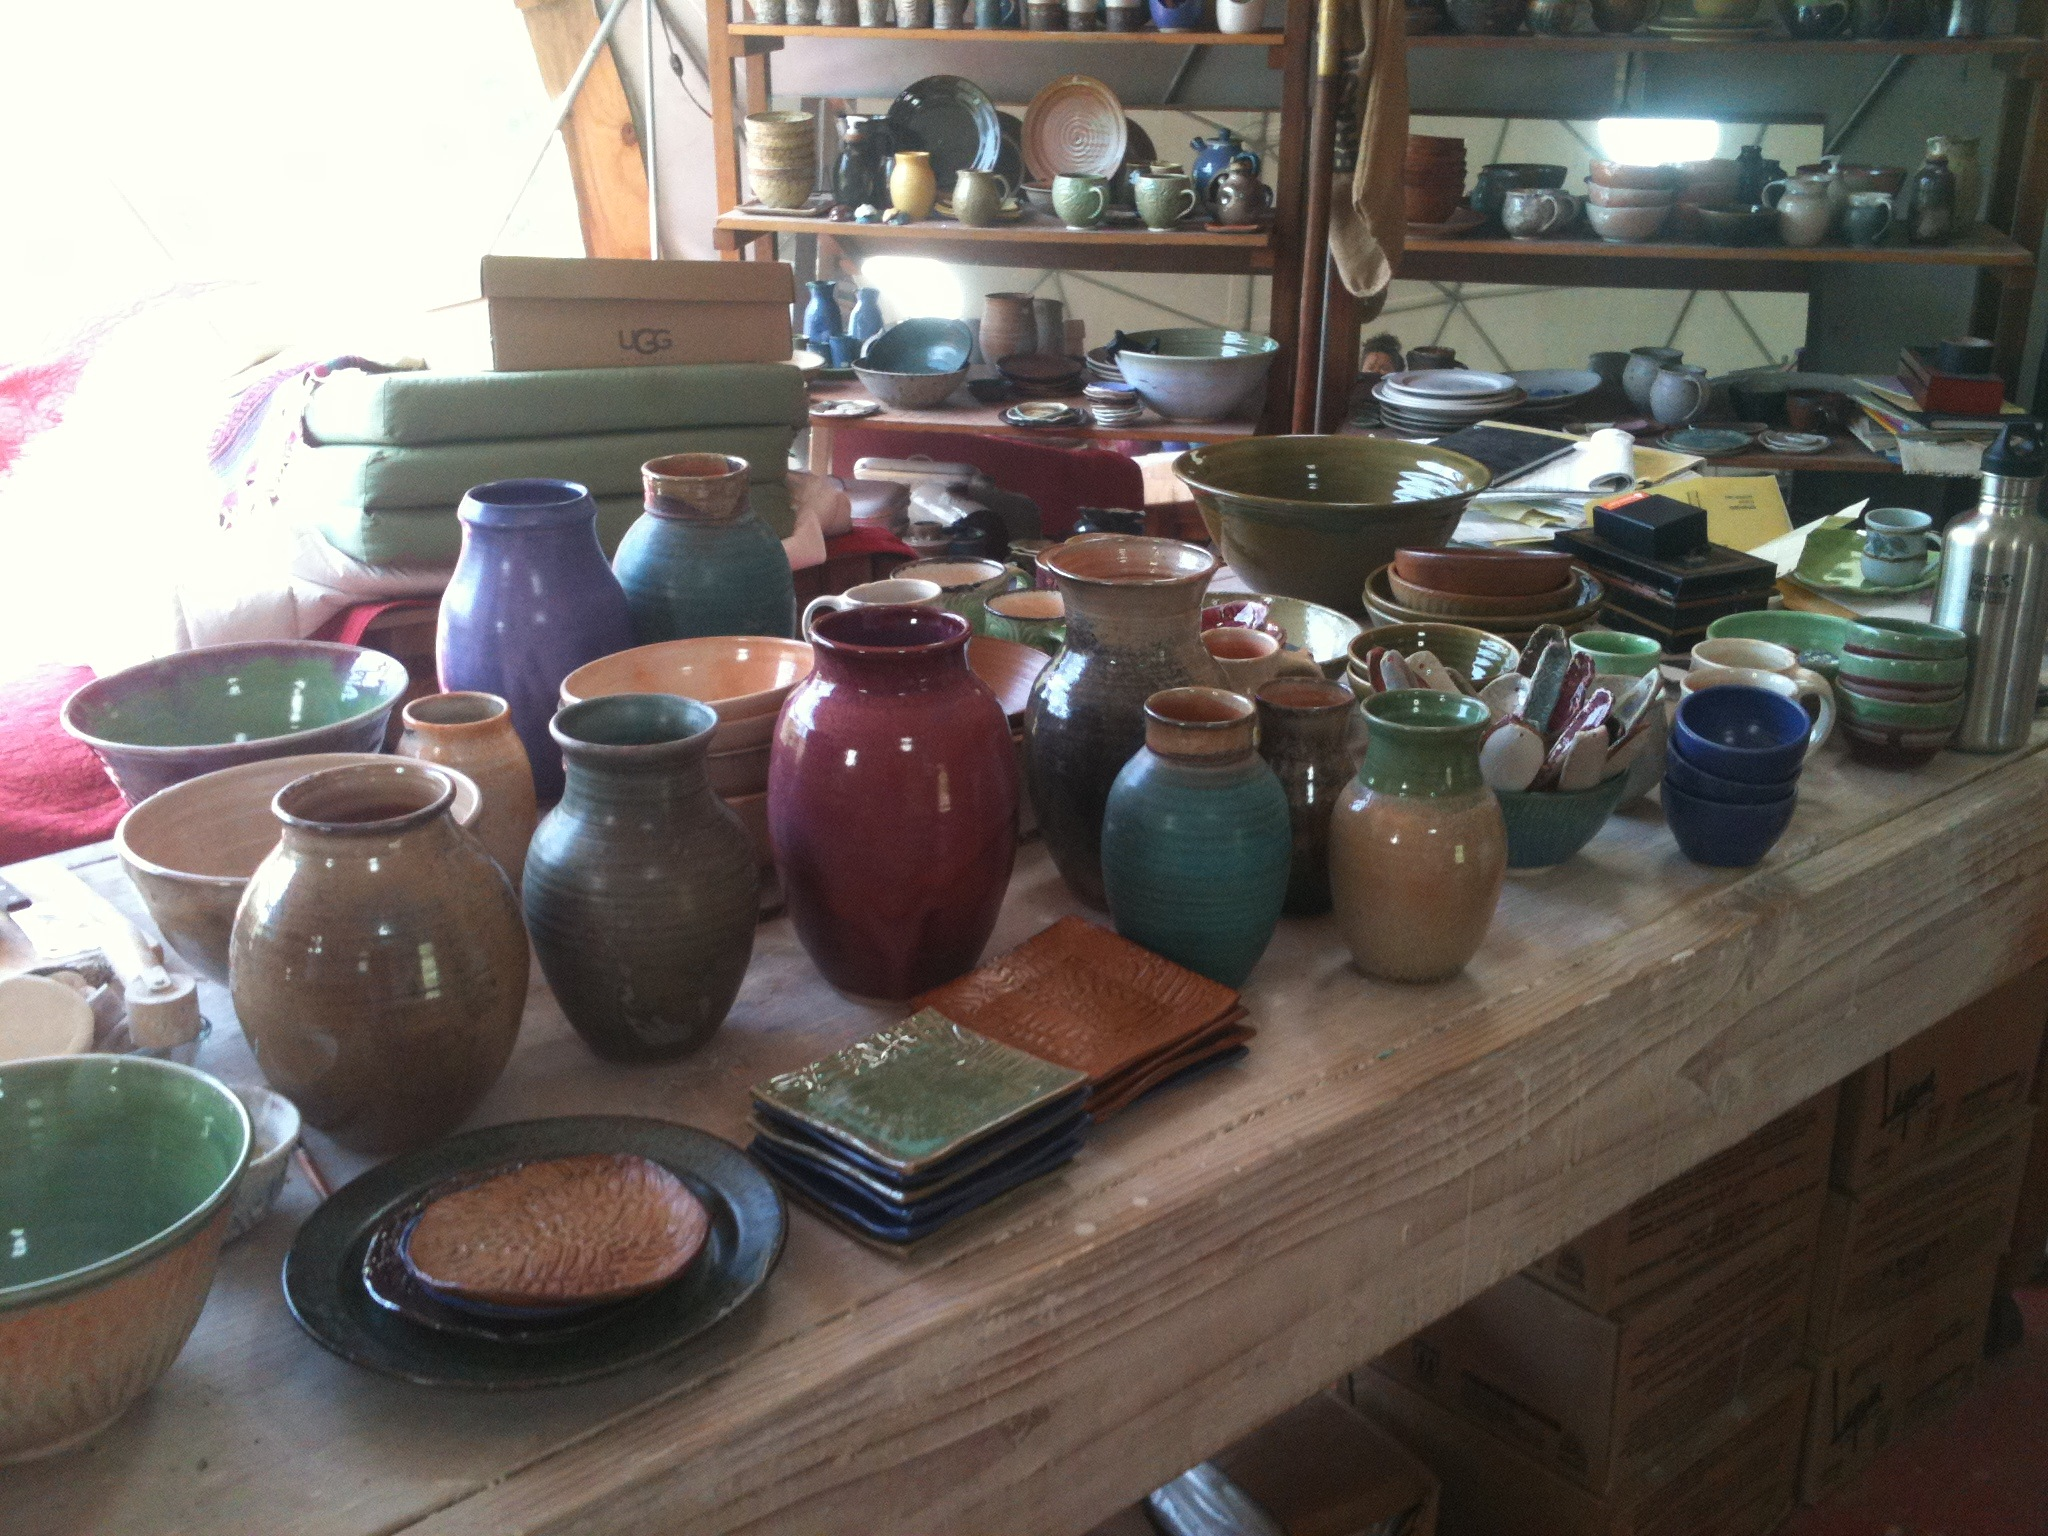 Lots of pots!